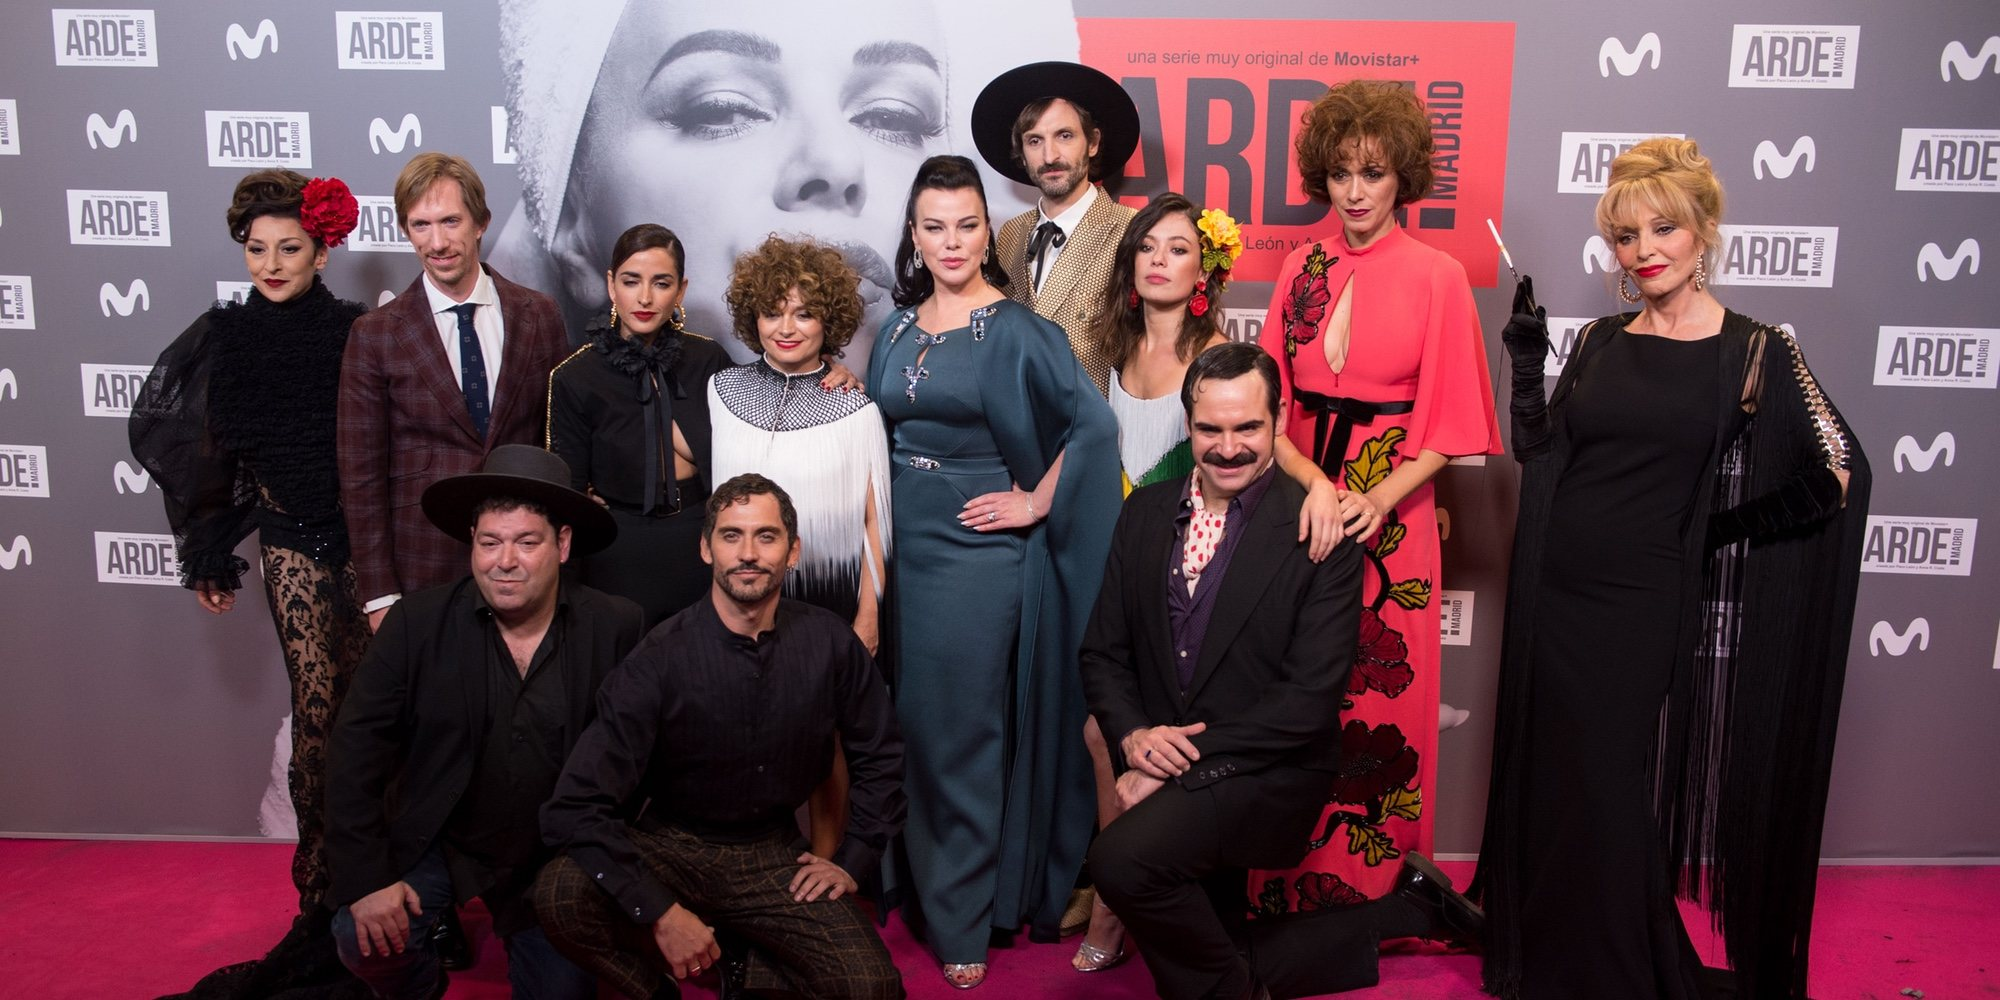 Hiba Abouk, Inma Cuesta o Mario Vaquerizo apoyan a Paco León en el estreno de 'Arde Madrid'